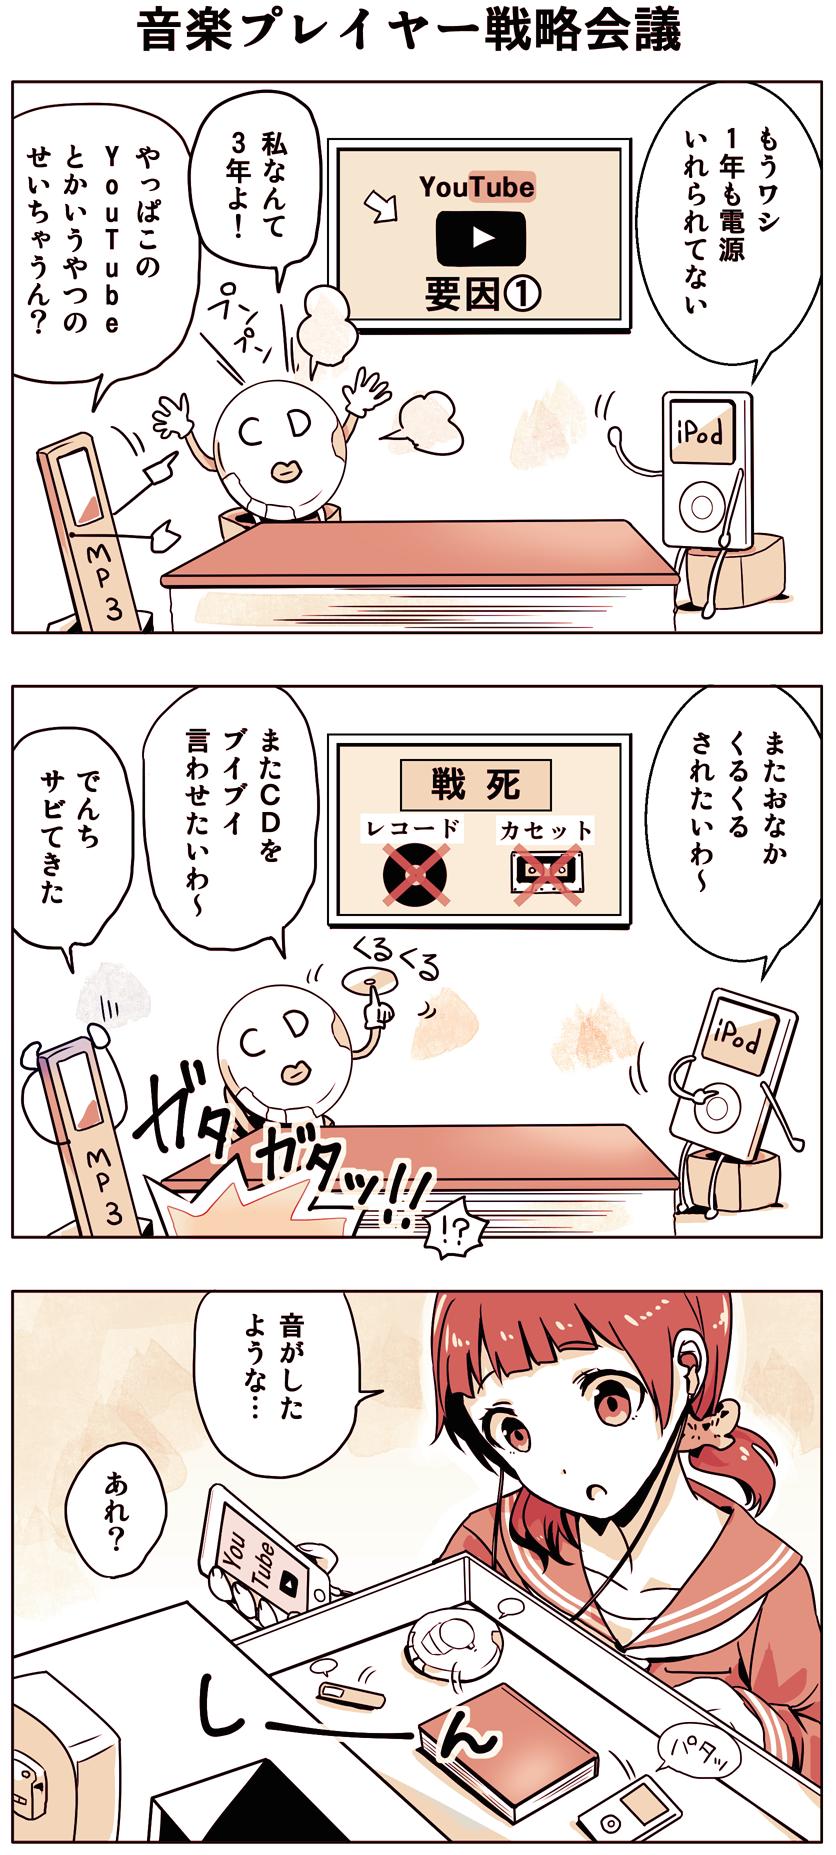 harajuku201503_manga_music